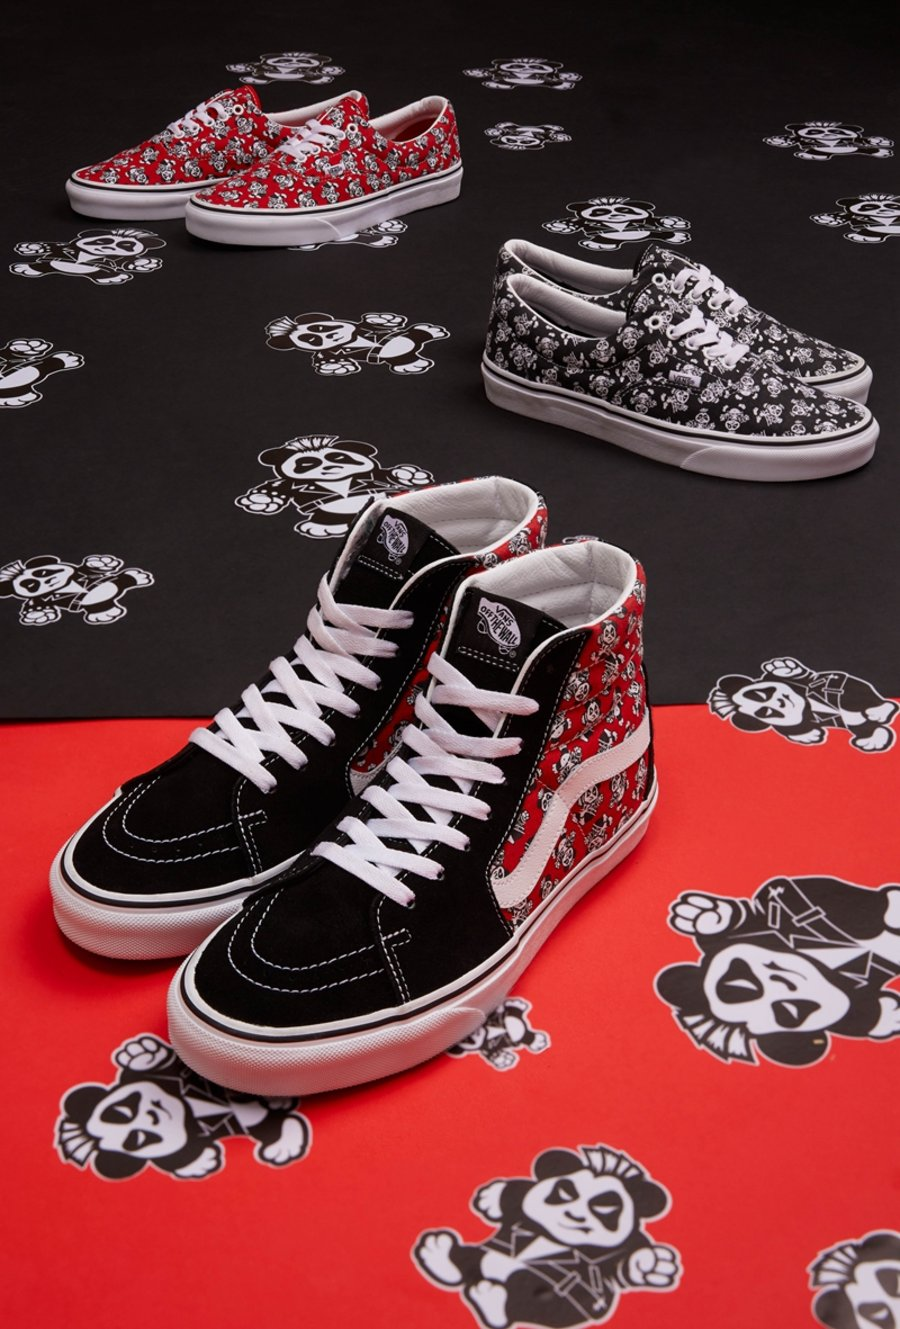 Vans,SK8-Hi,Era,Old Skool,VN0A  朋克熊猫系列!Vans 全新主题看着就很可爱!